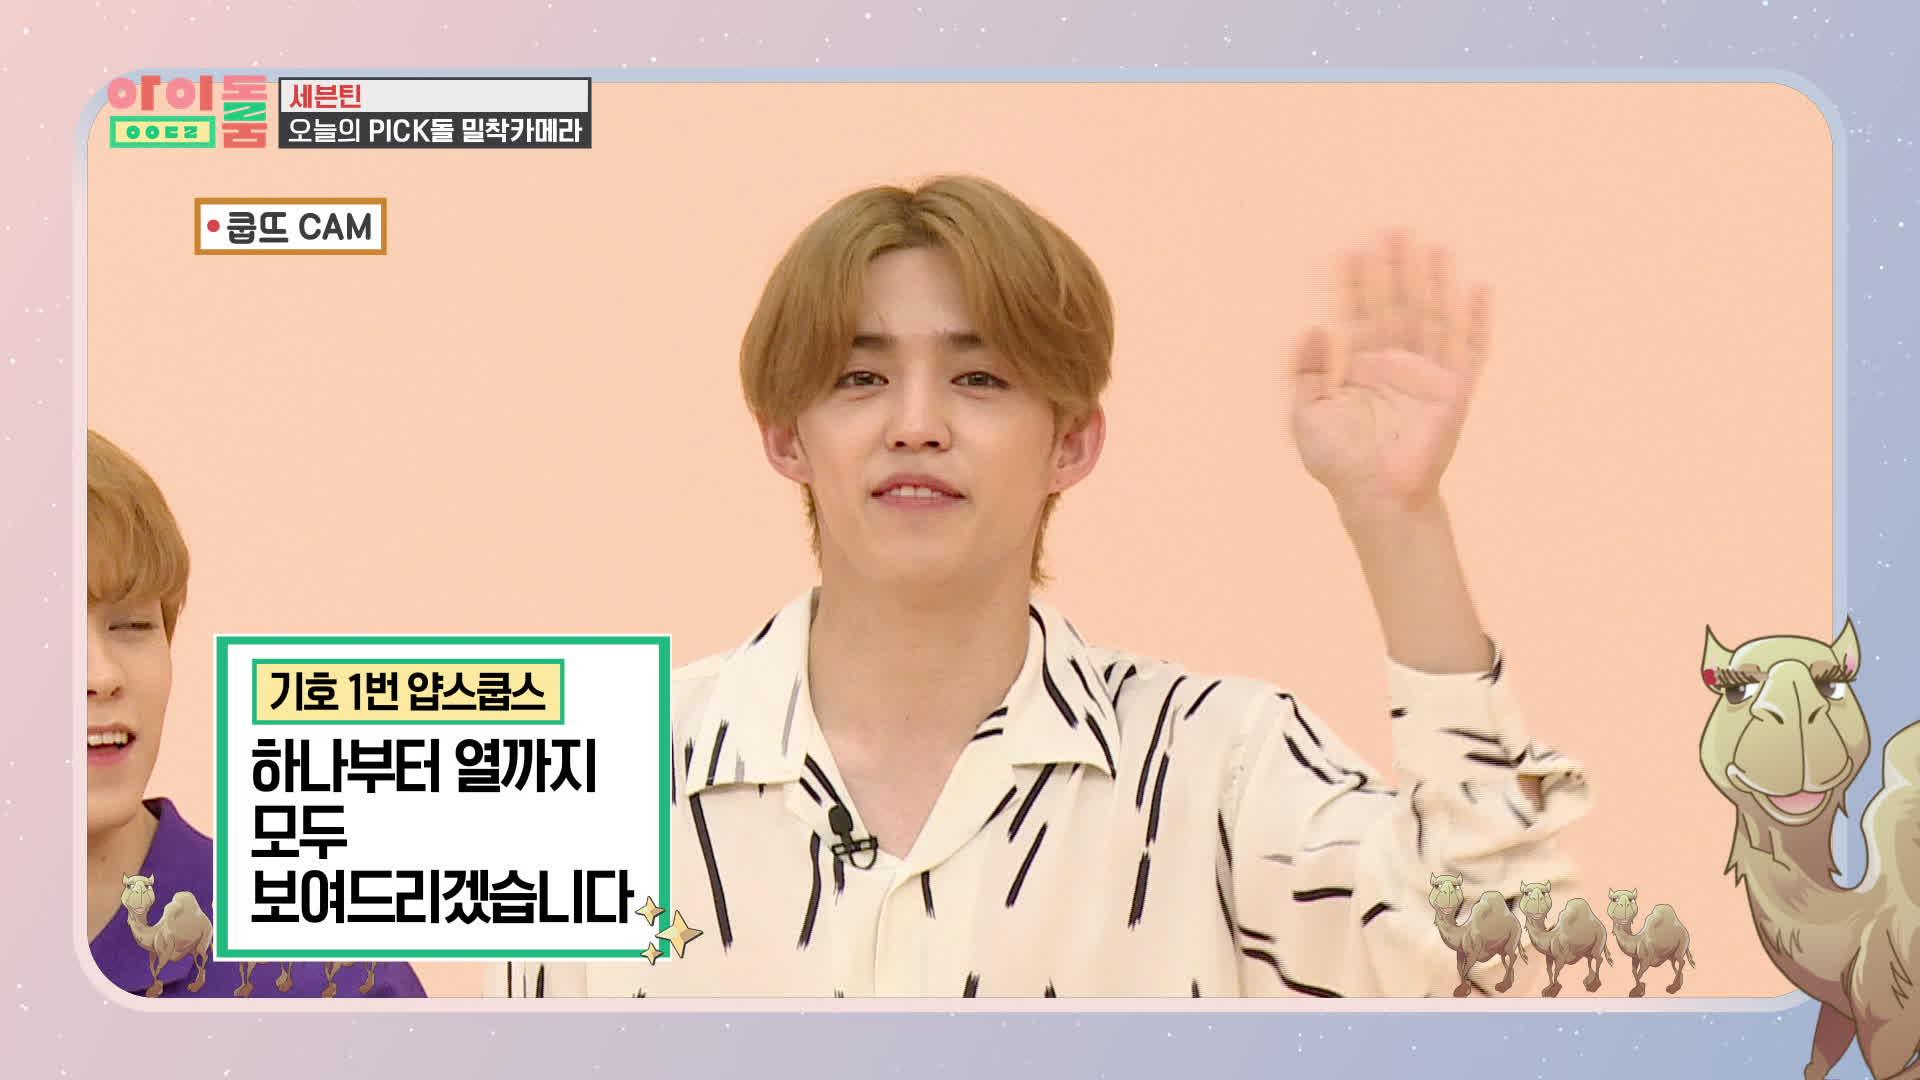 """아이돌룸(IDOL ROOM) 11회 - PICK돌 선정 소감 """"하나부터 열까지 다 보여드리겠습니다!"""""""